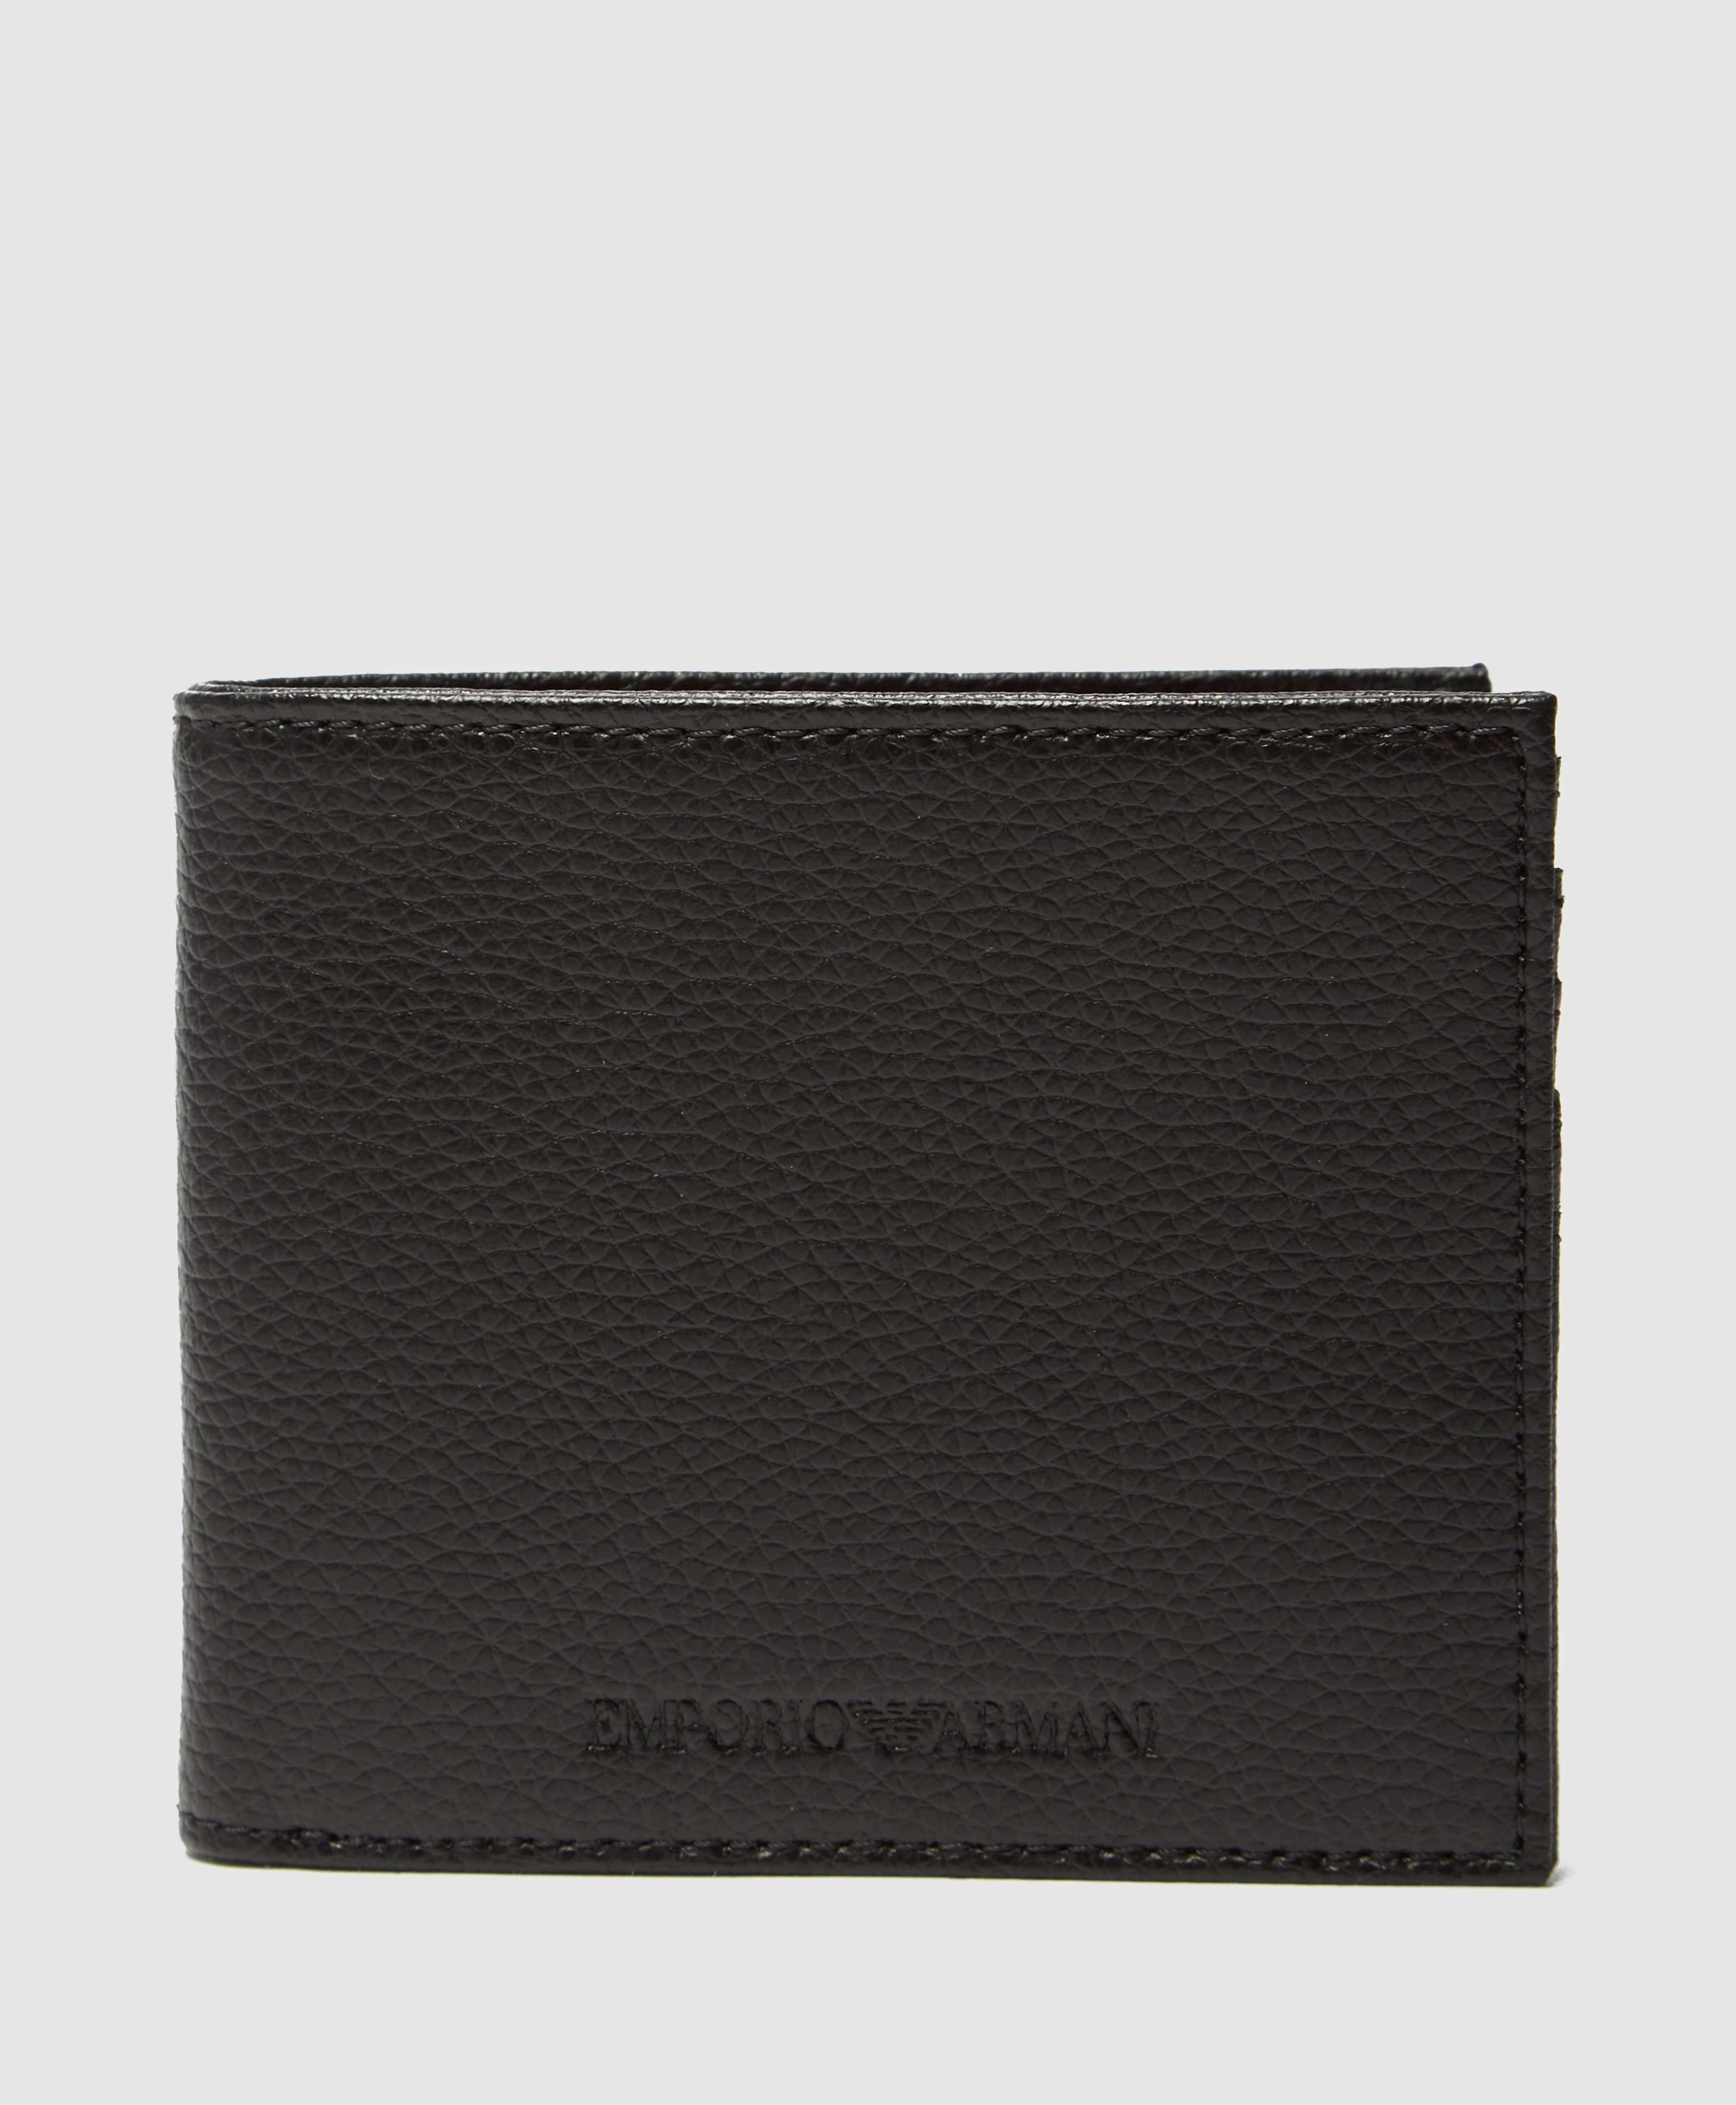 Emporio Armani Logo Wallet